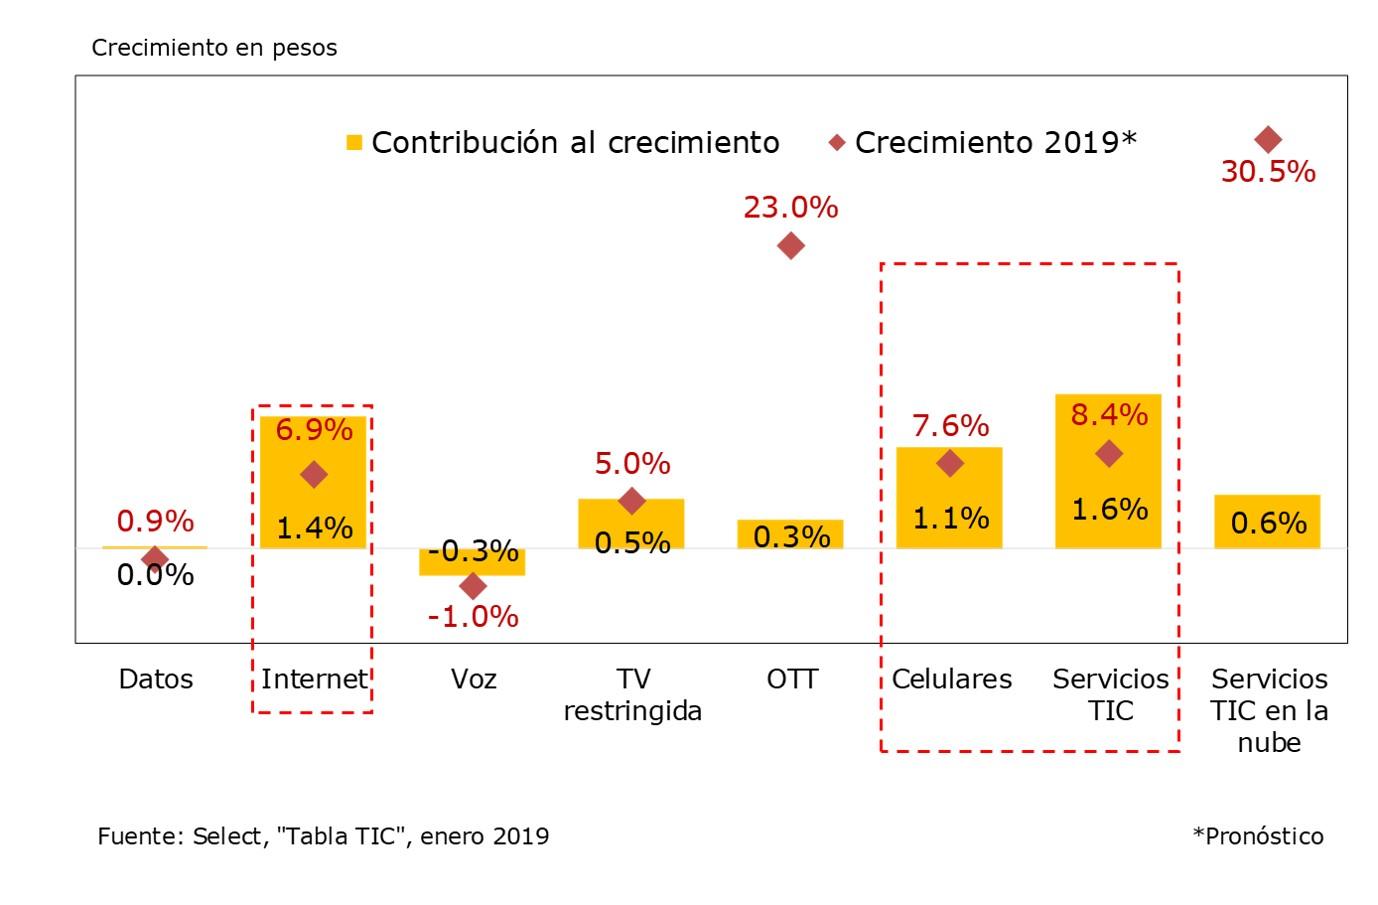 Pronosticos de crecimiento de los operadores 2019